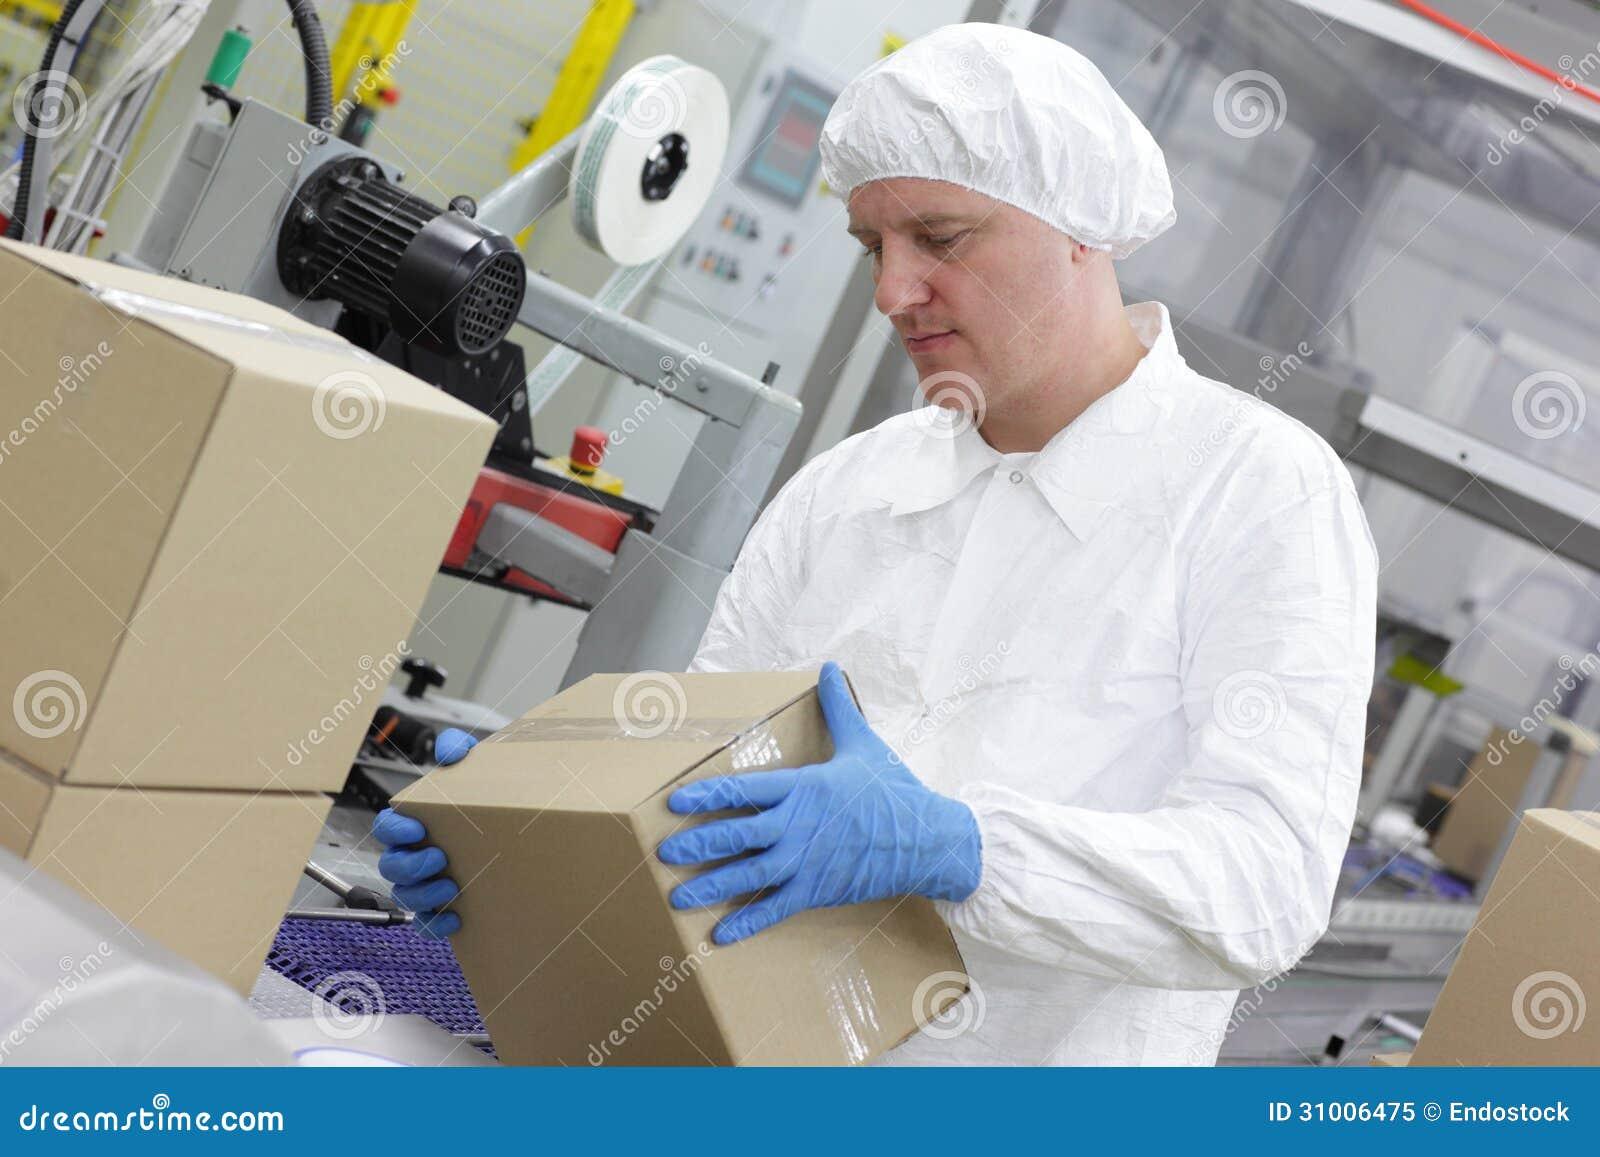 Работник физического труда на производственной линии общаясь с коробками